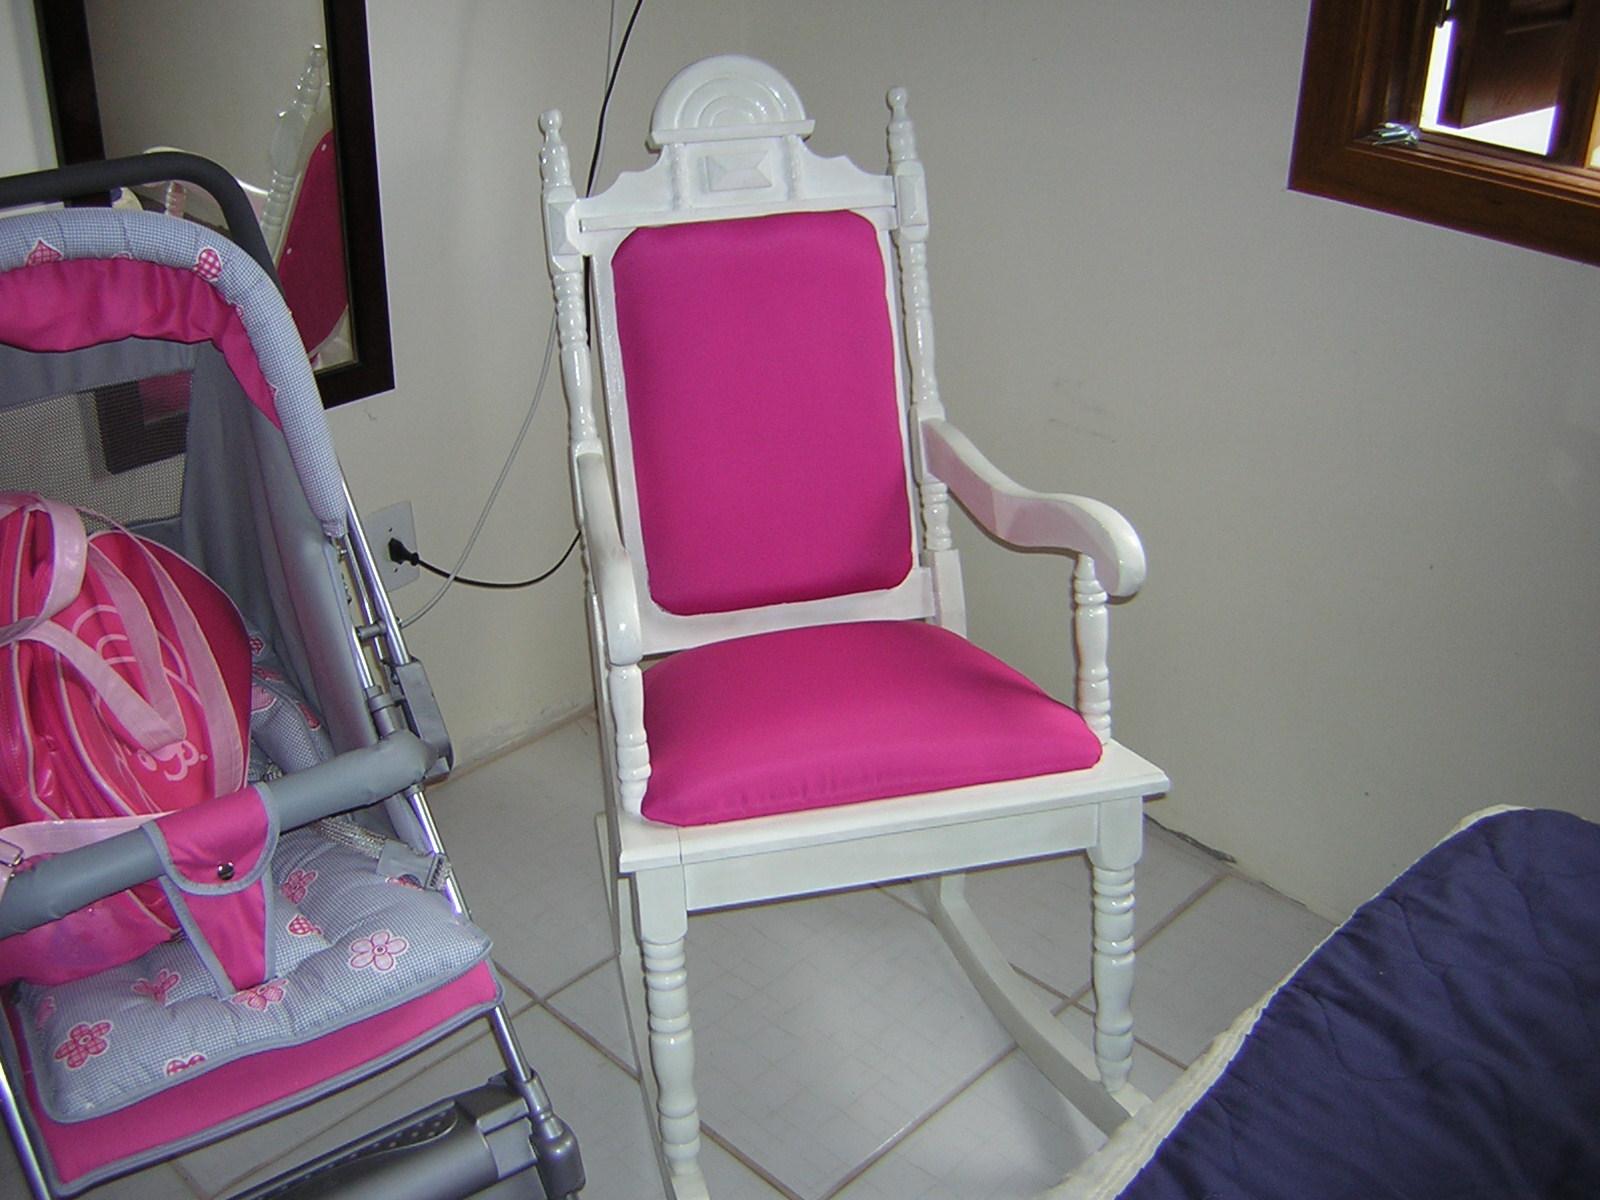 da mônica: Restauração da cadeira de balanço da Vovó #9E2D6A 1600x1200